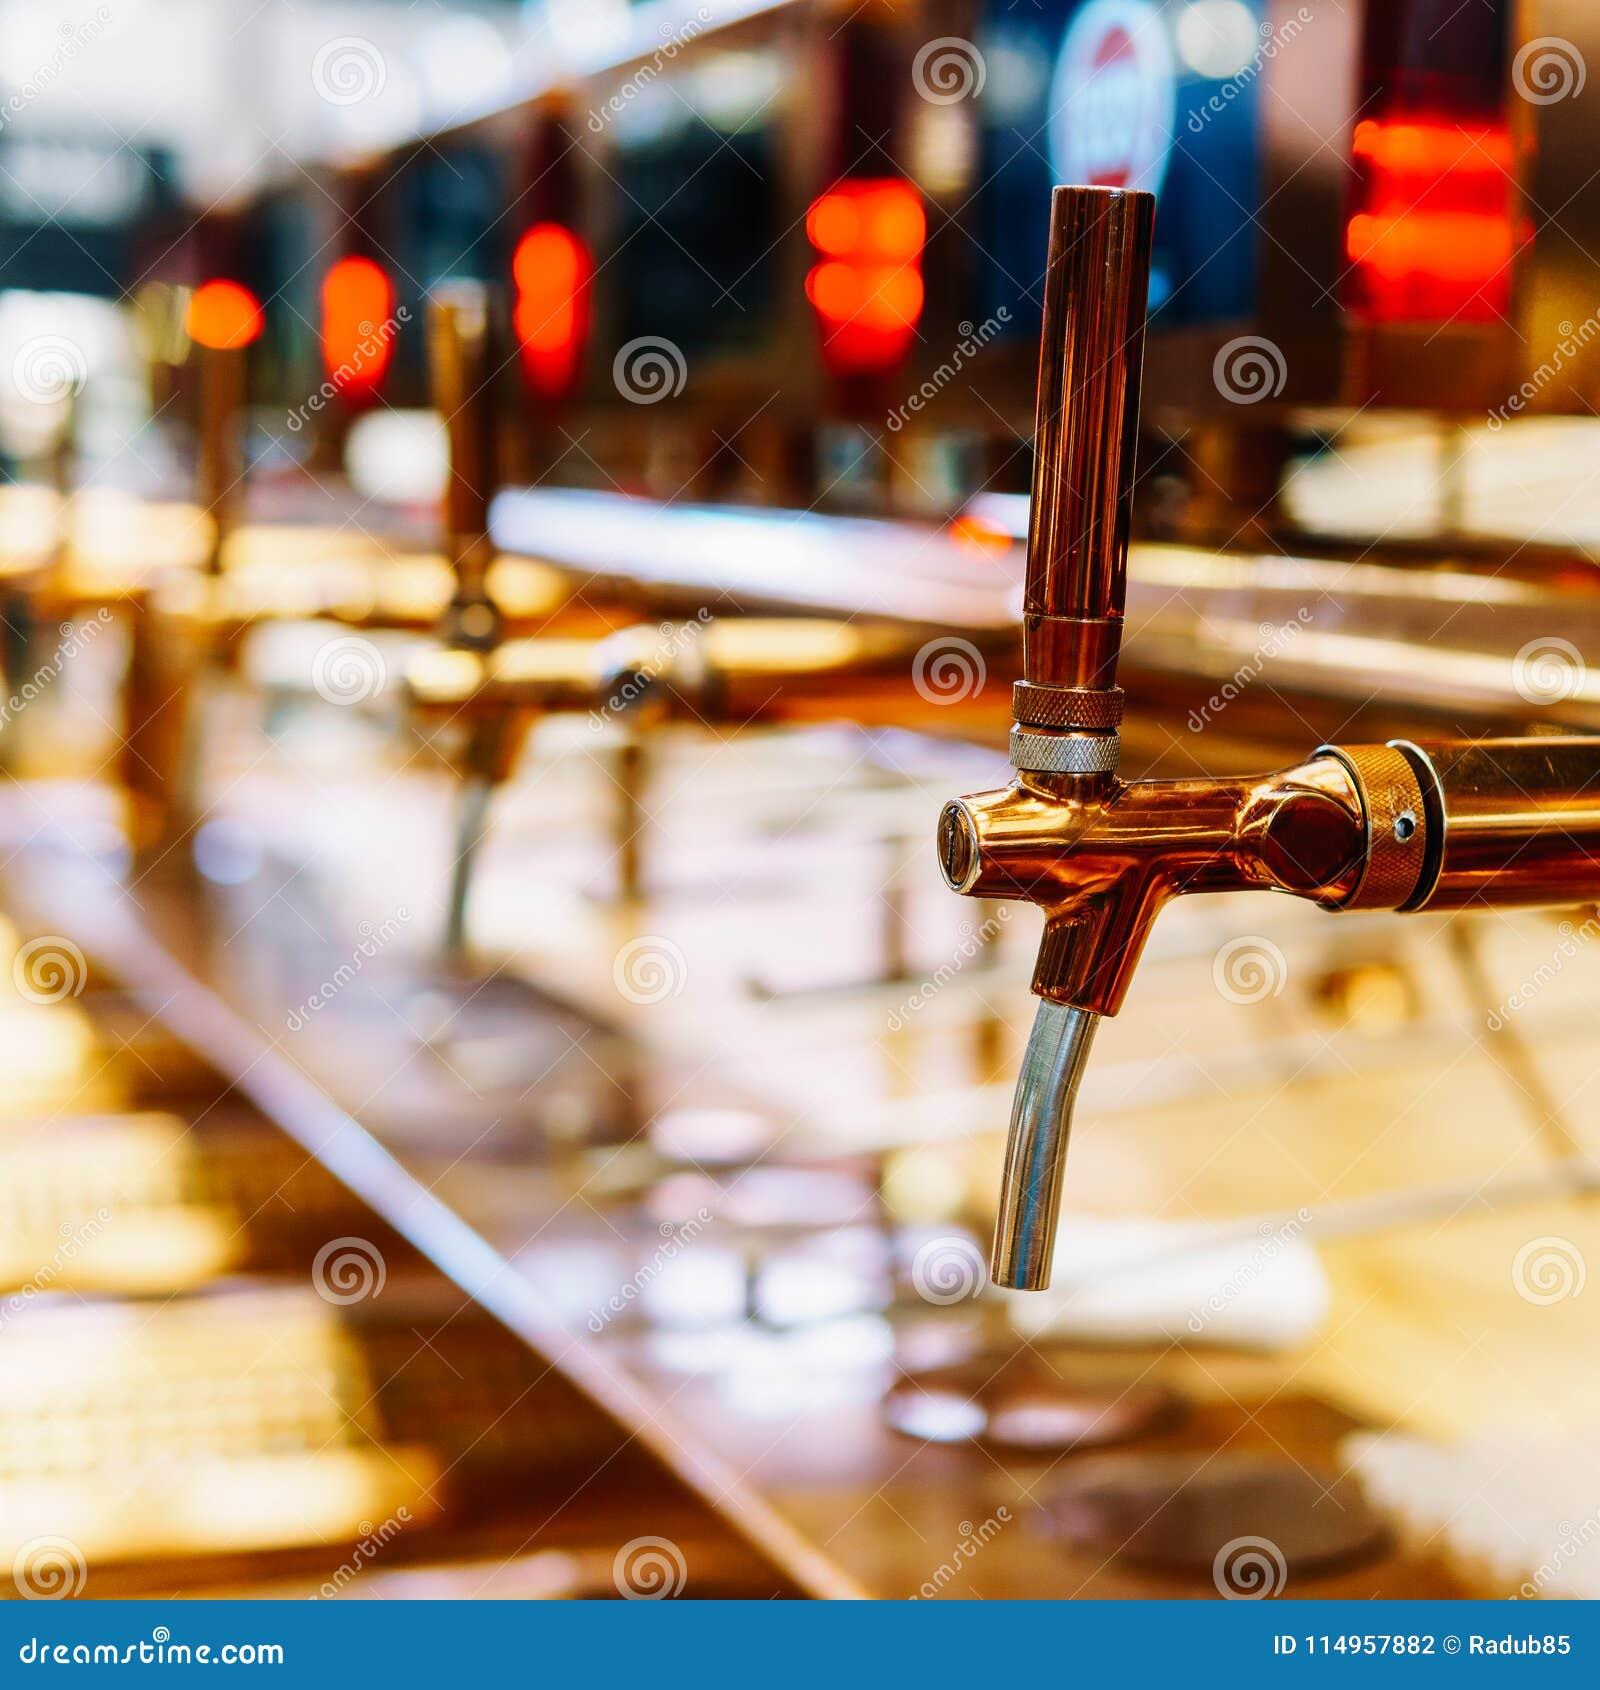 Bier-Hahn-Nahaufnahme In Der Getränk-Bar Stockfoto - Bild von ...